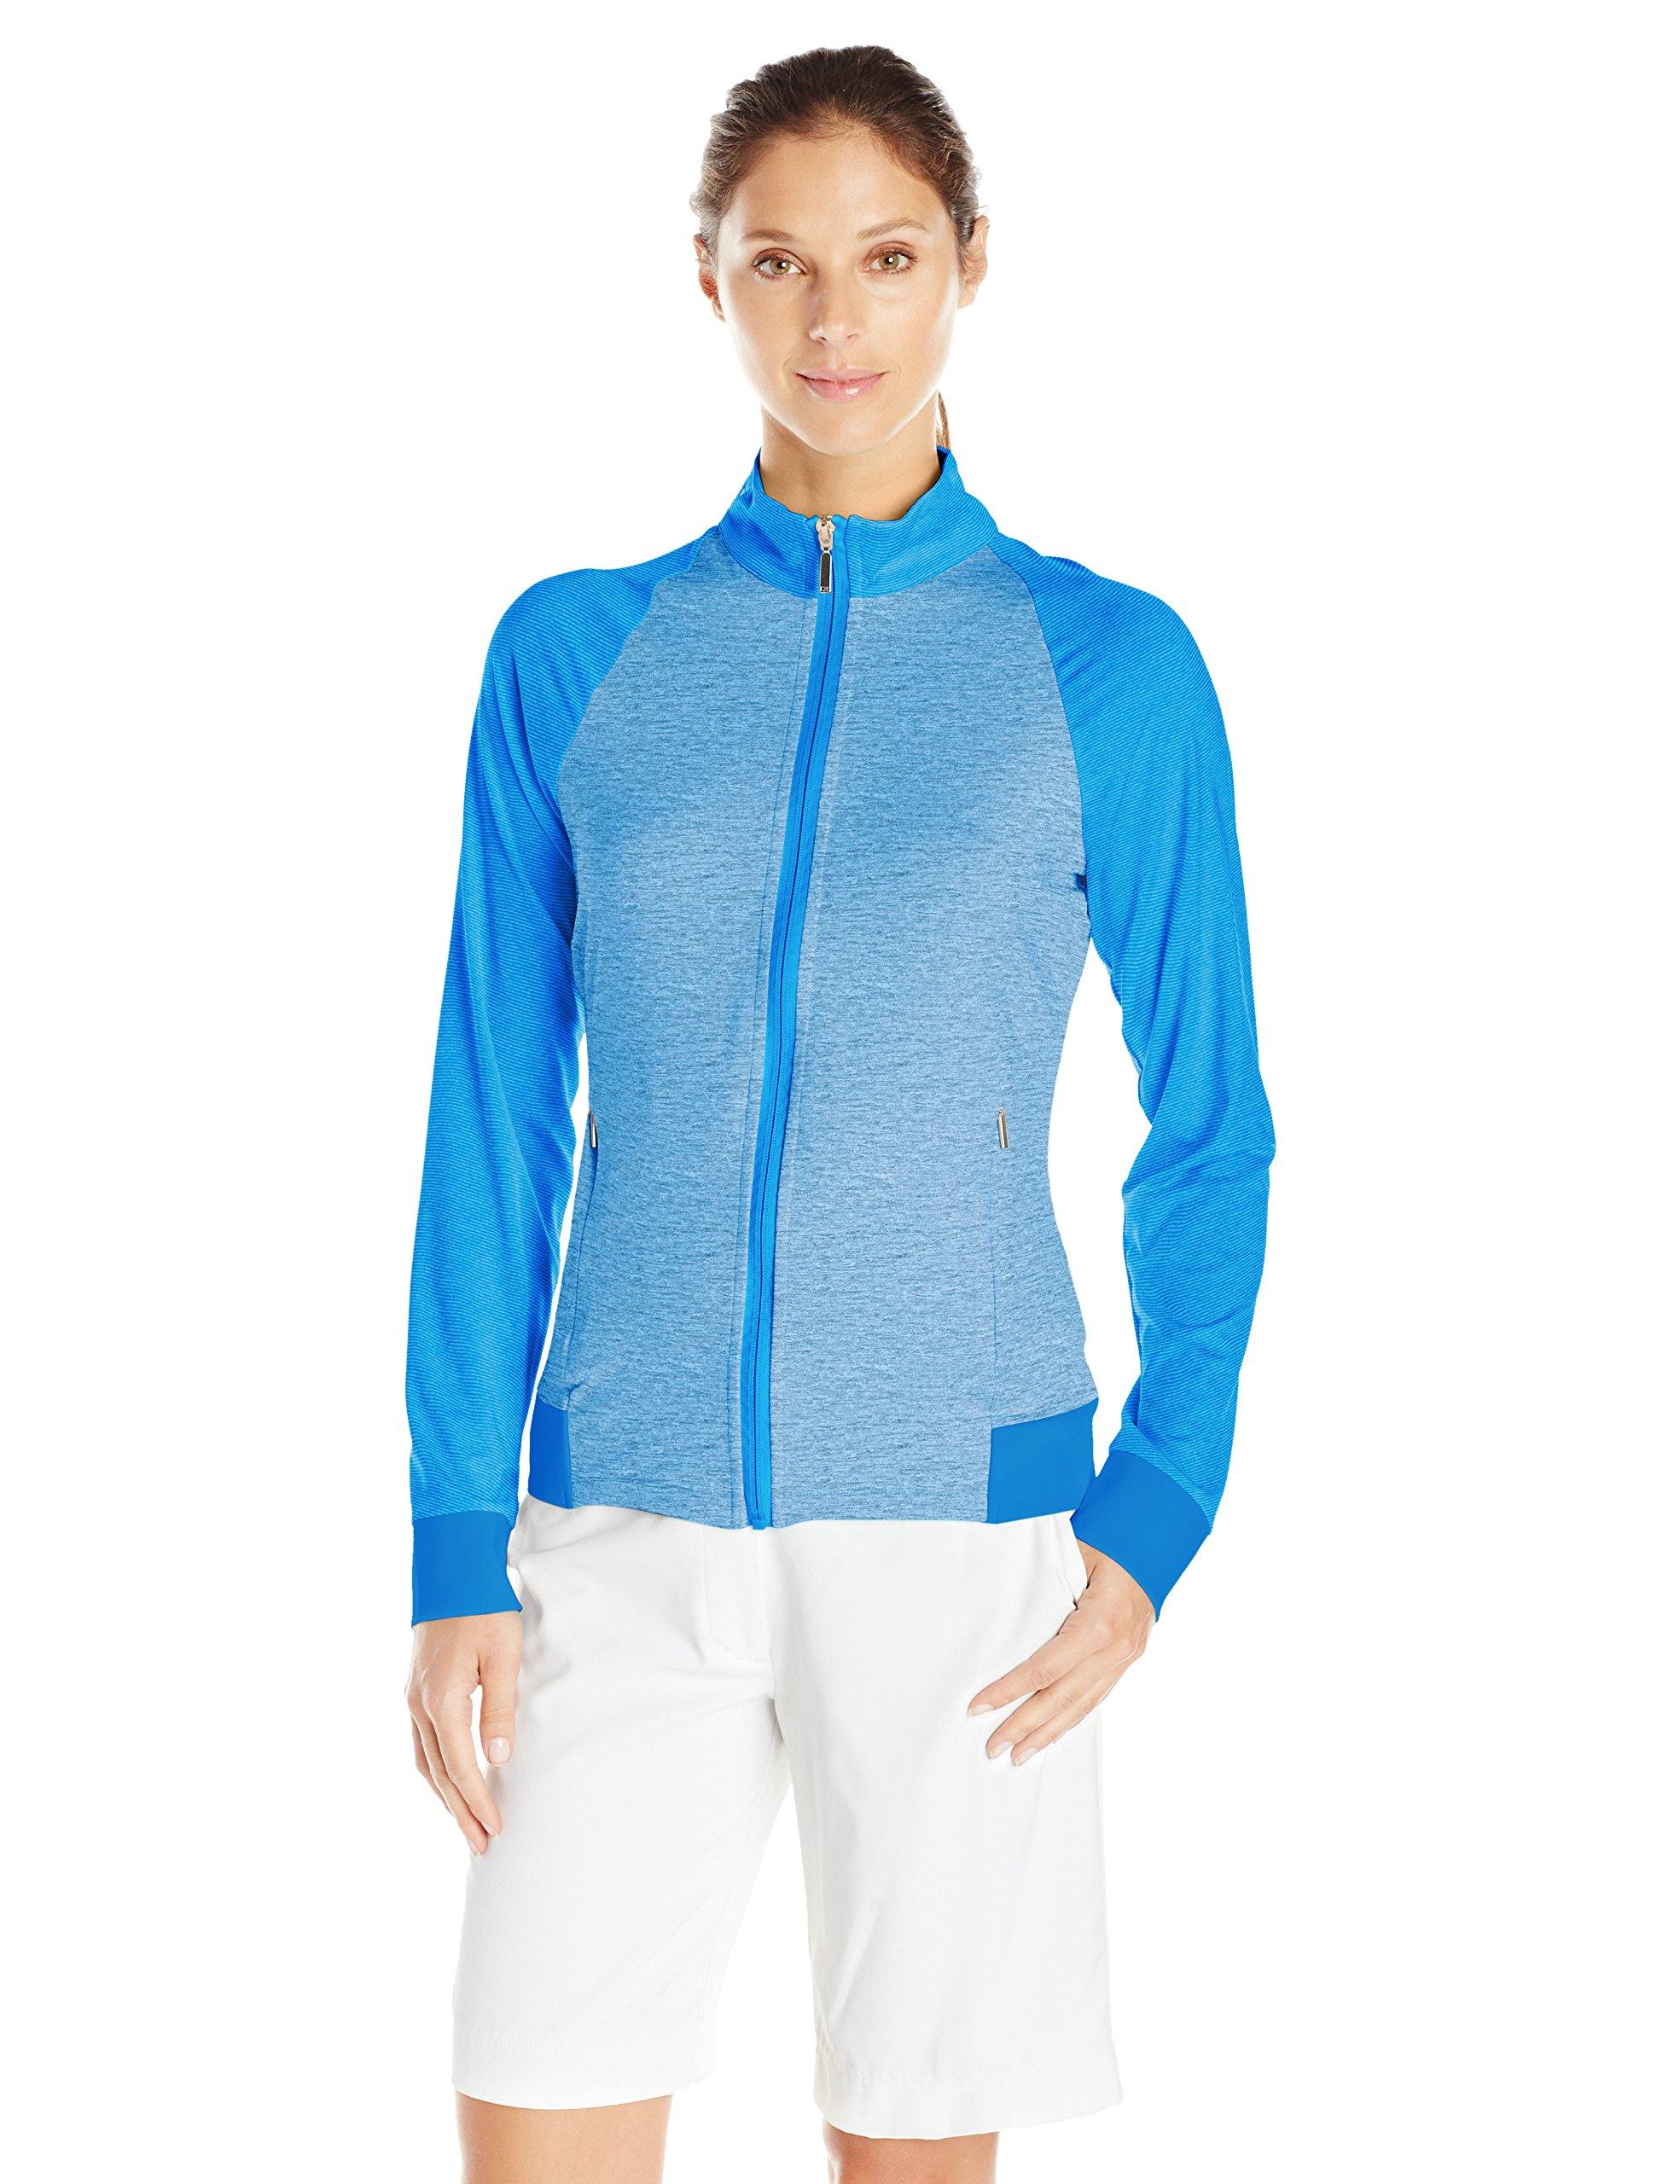 Cutter & Buck Women's Moisture Wicking, UPF 50+, Long-Sleeve Lena Full Zip Jacket, Vista, XS